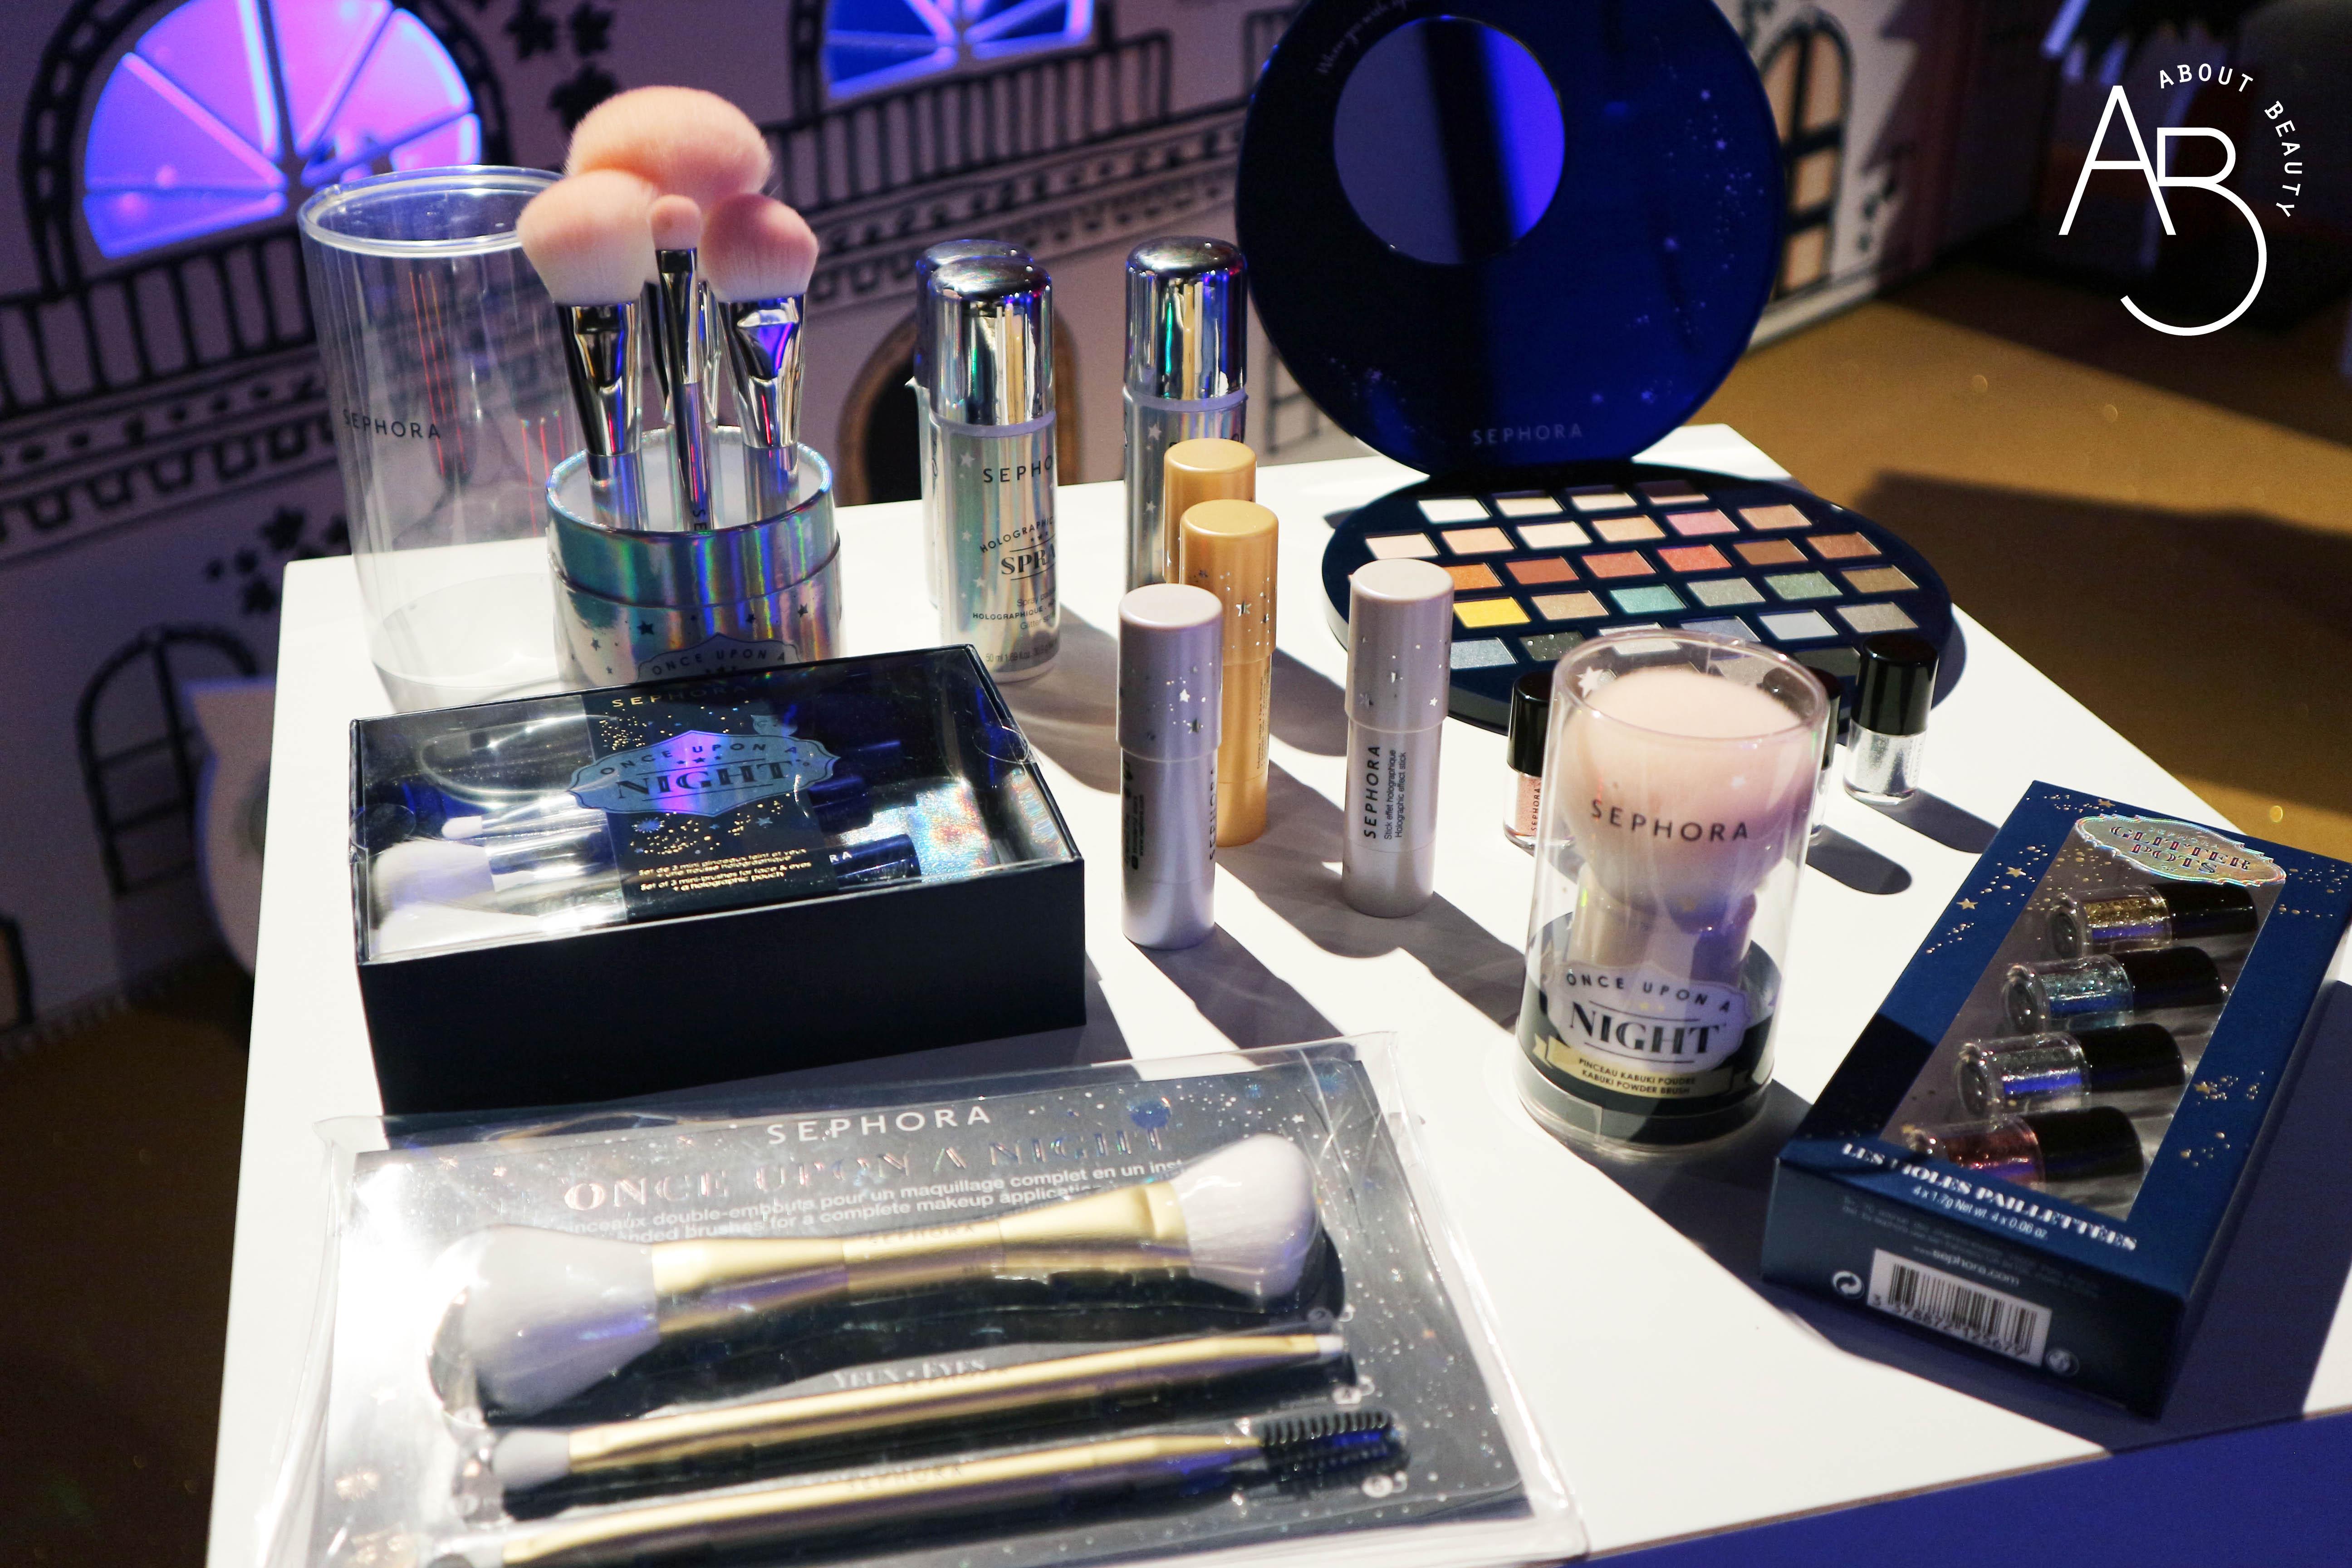 Sephora Natale 2018 Novita da non perdere - Skincare makeup - Sephora Collection palette - Review, recensione, swatch, info, prezzo, dove acquistare, data di uscita